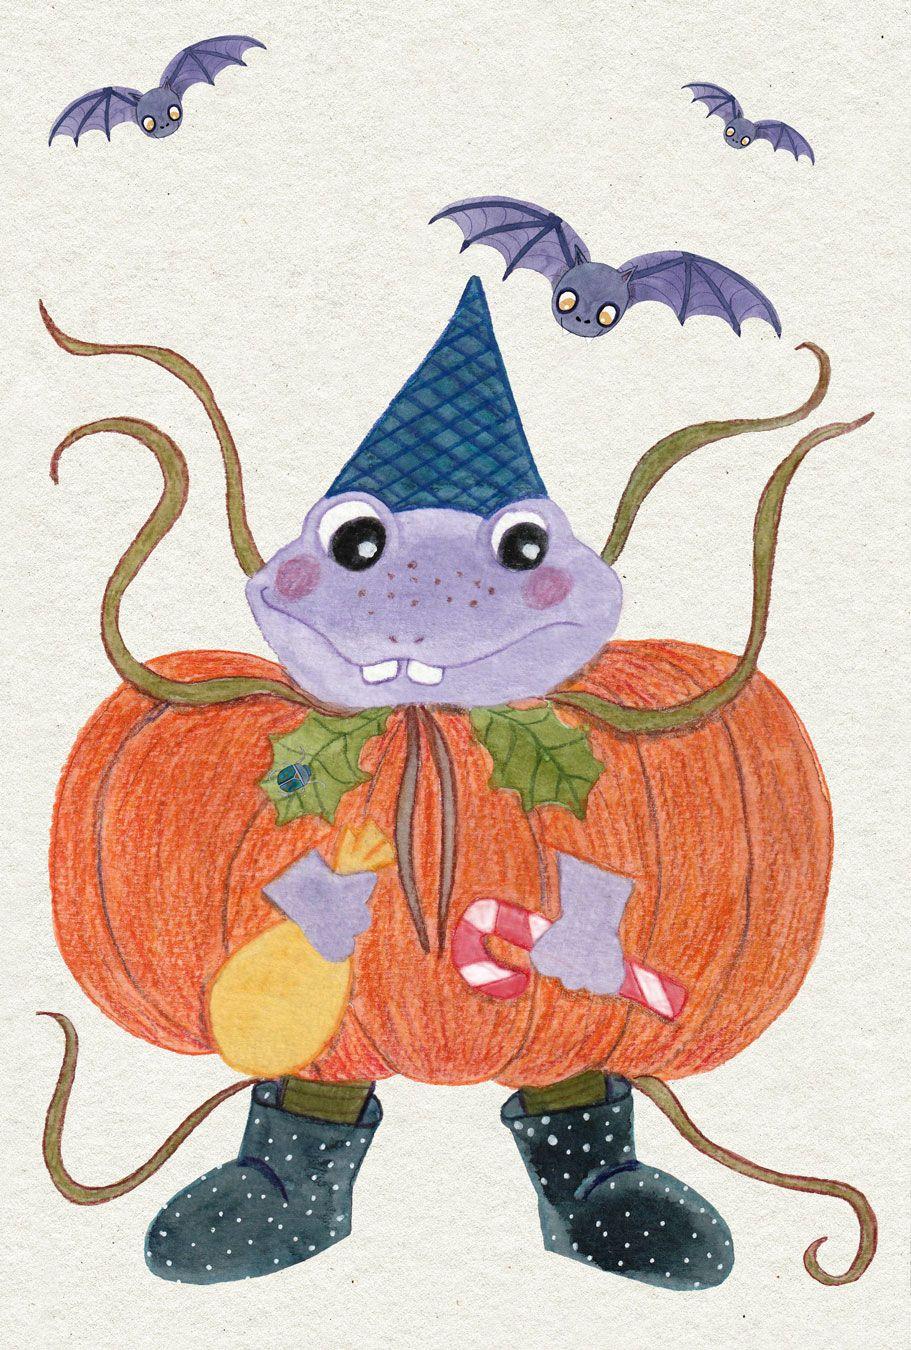 INKTOBER 2020 – #moontoberweekends#moonchildillustrations – 10/10 – FROG Et oui, encore Lucien ! C'est une grenouille donc le voici déguisé en citrouille ! Il est prêt aussi pour Halloween 😉 Est-ce que vous commencez à préparer Halloween avec vos enfants ? #inktober2020#inktober#moontoberweekends#artchallenge#illustration#illustrationjeunesse#magic#fantaisy#automne#cuteanimal#frog#grenouille#Halloween#childrenillustration#kids#enfants#famille#aquarelle#watercolor#crayondecouleurs#colorpencils